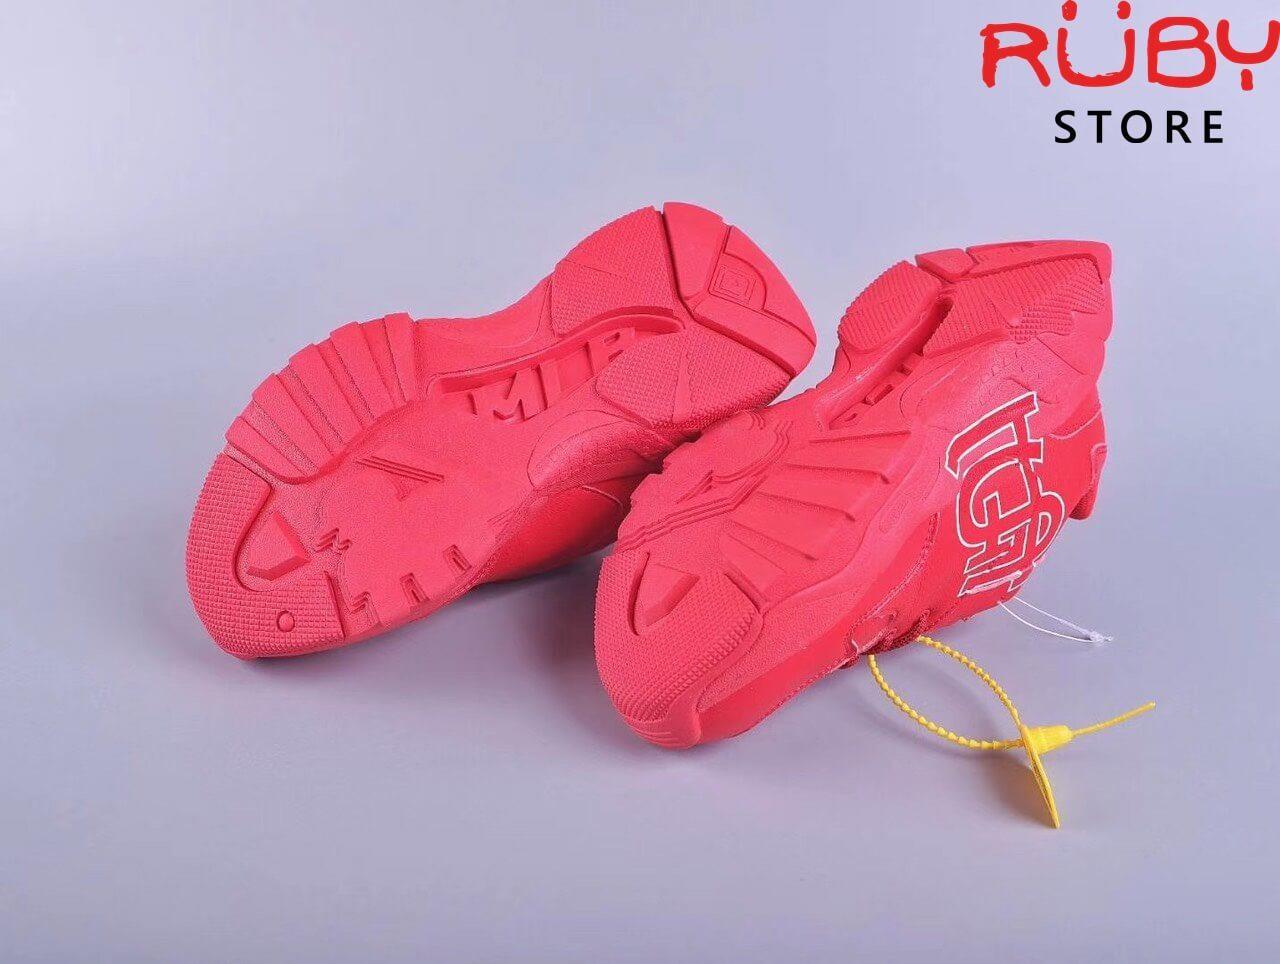 giày mlb new york yankees red big ball chunky a sl replica 1:1